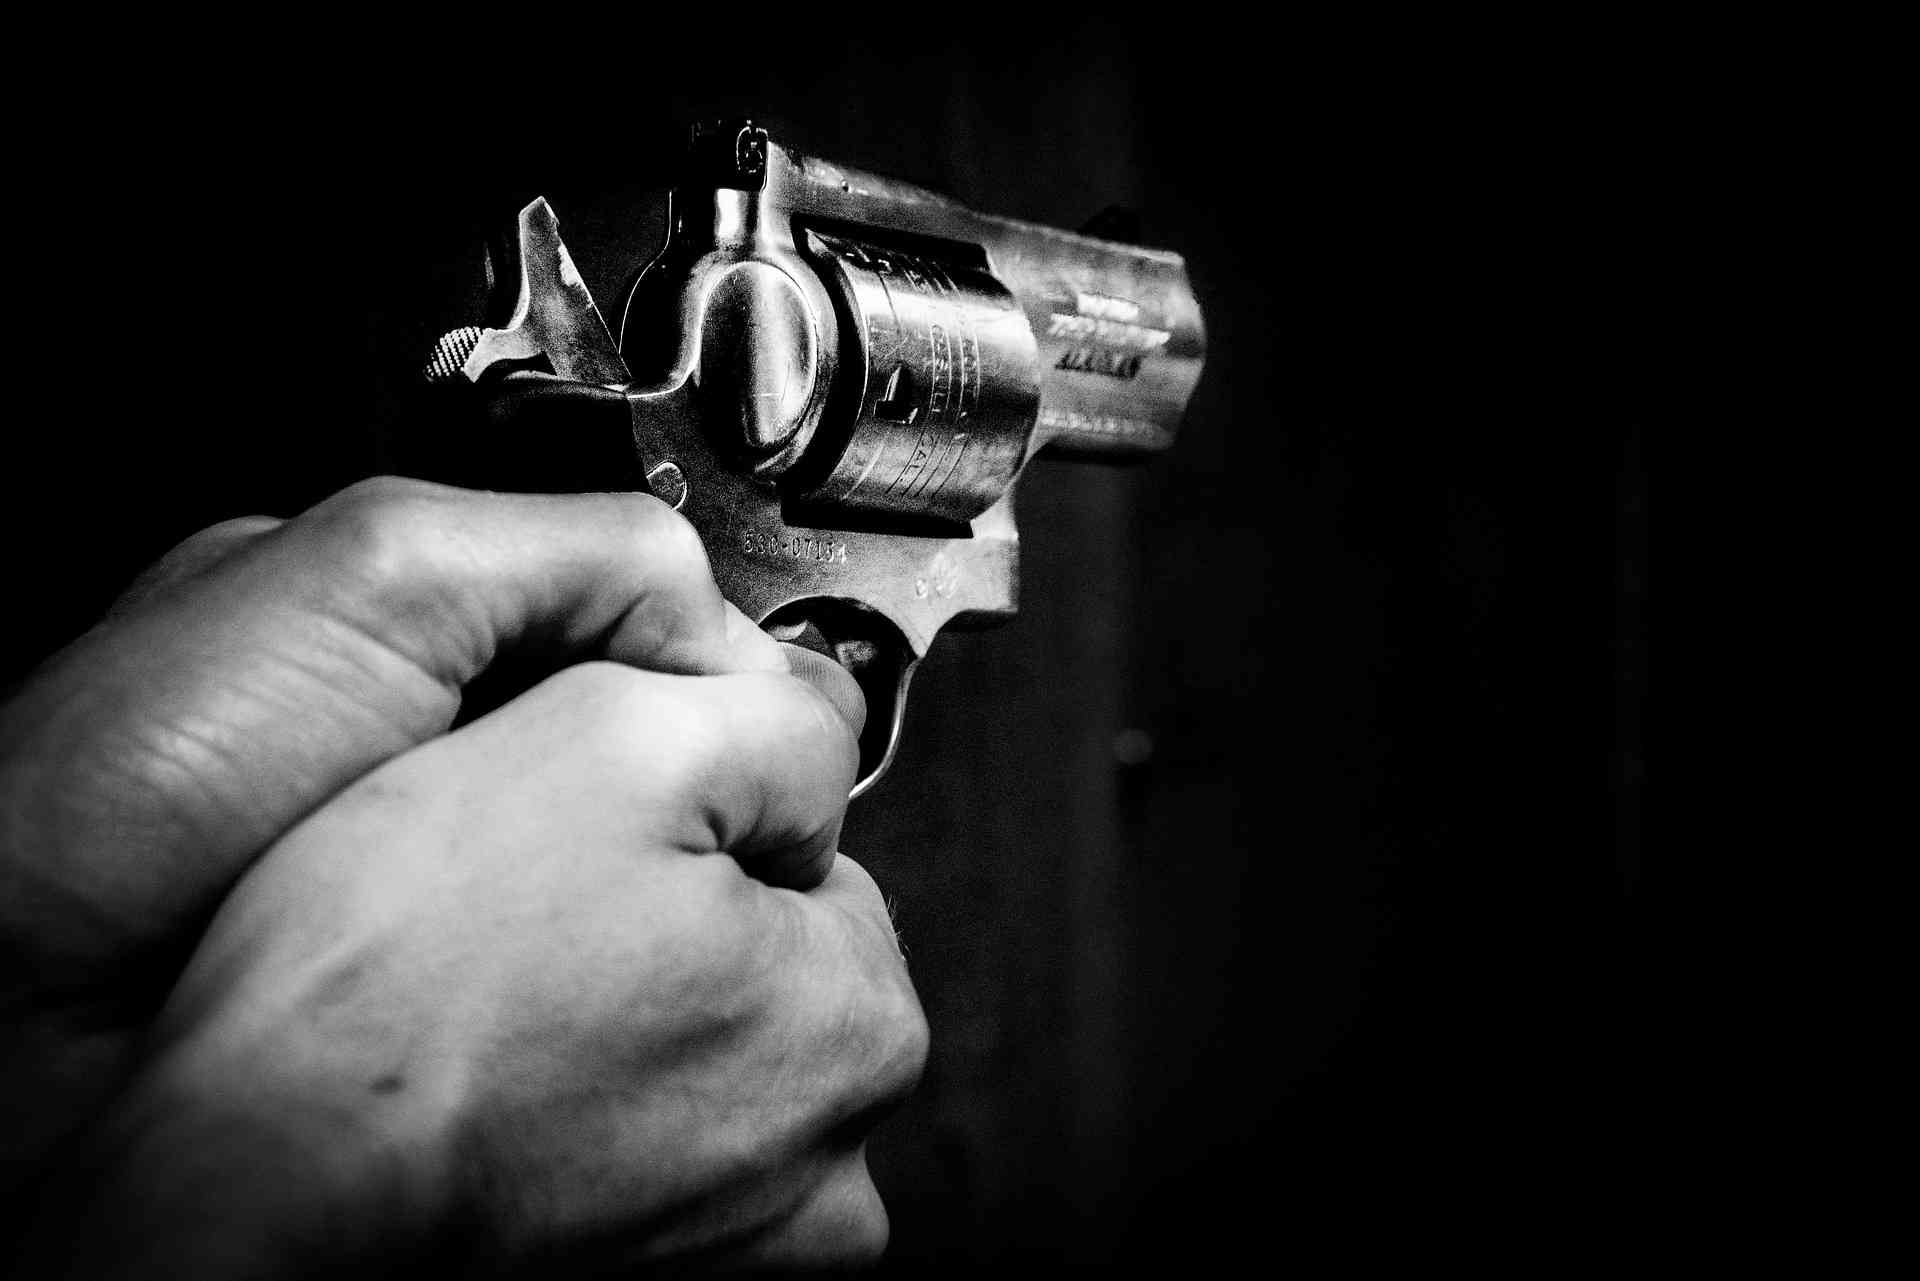 Istri Tewas Ditembak Komplotan Begal Saat Tunggu Suami Beli Pulsa